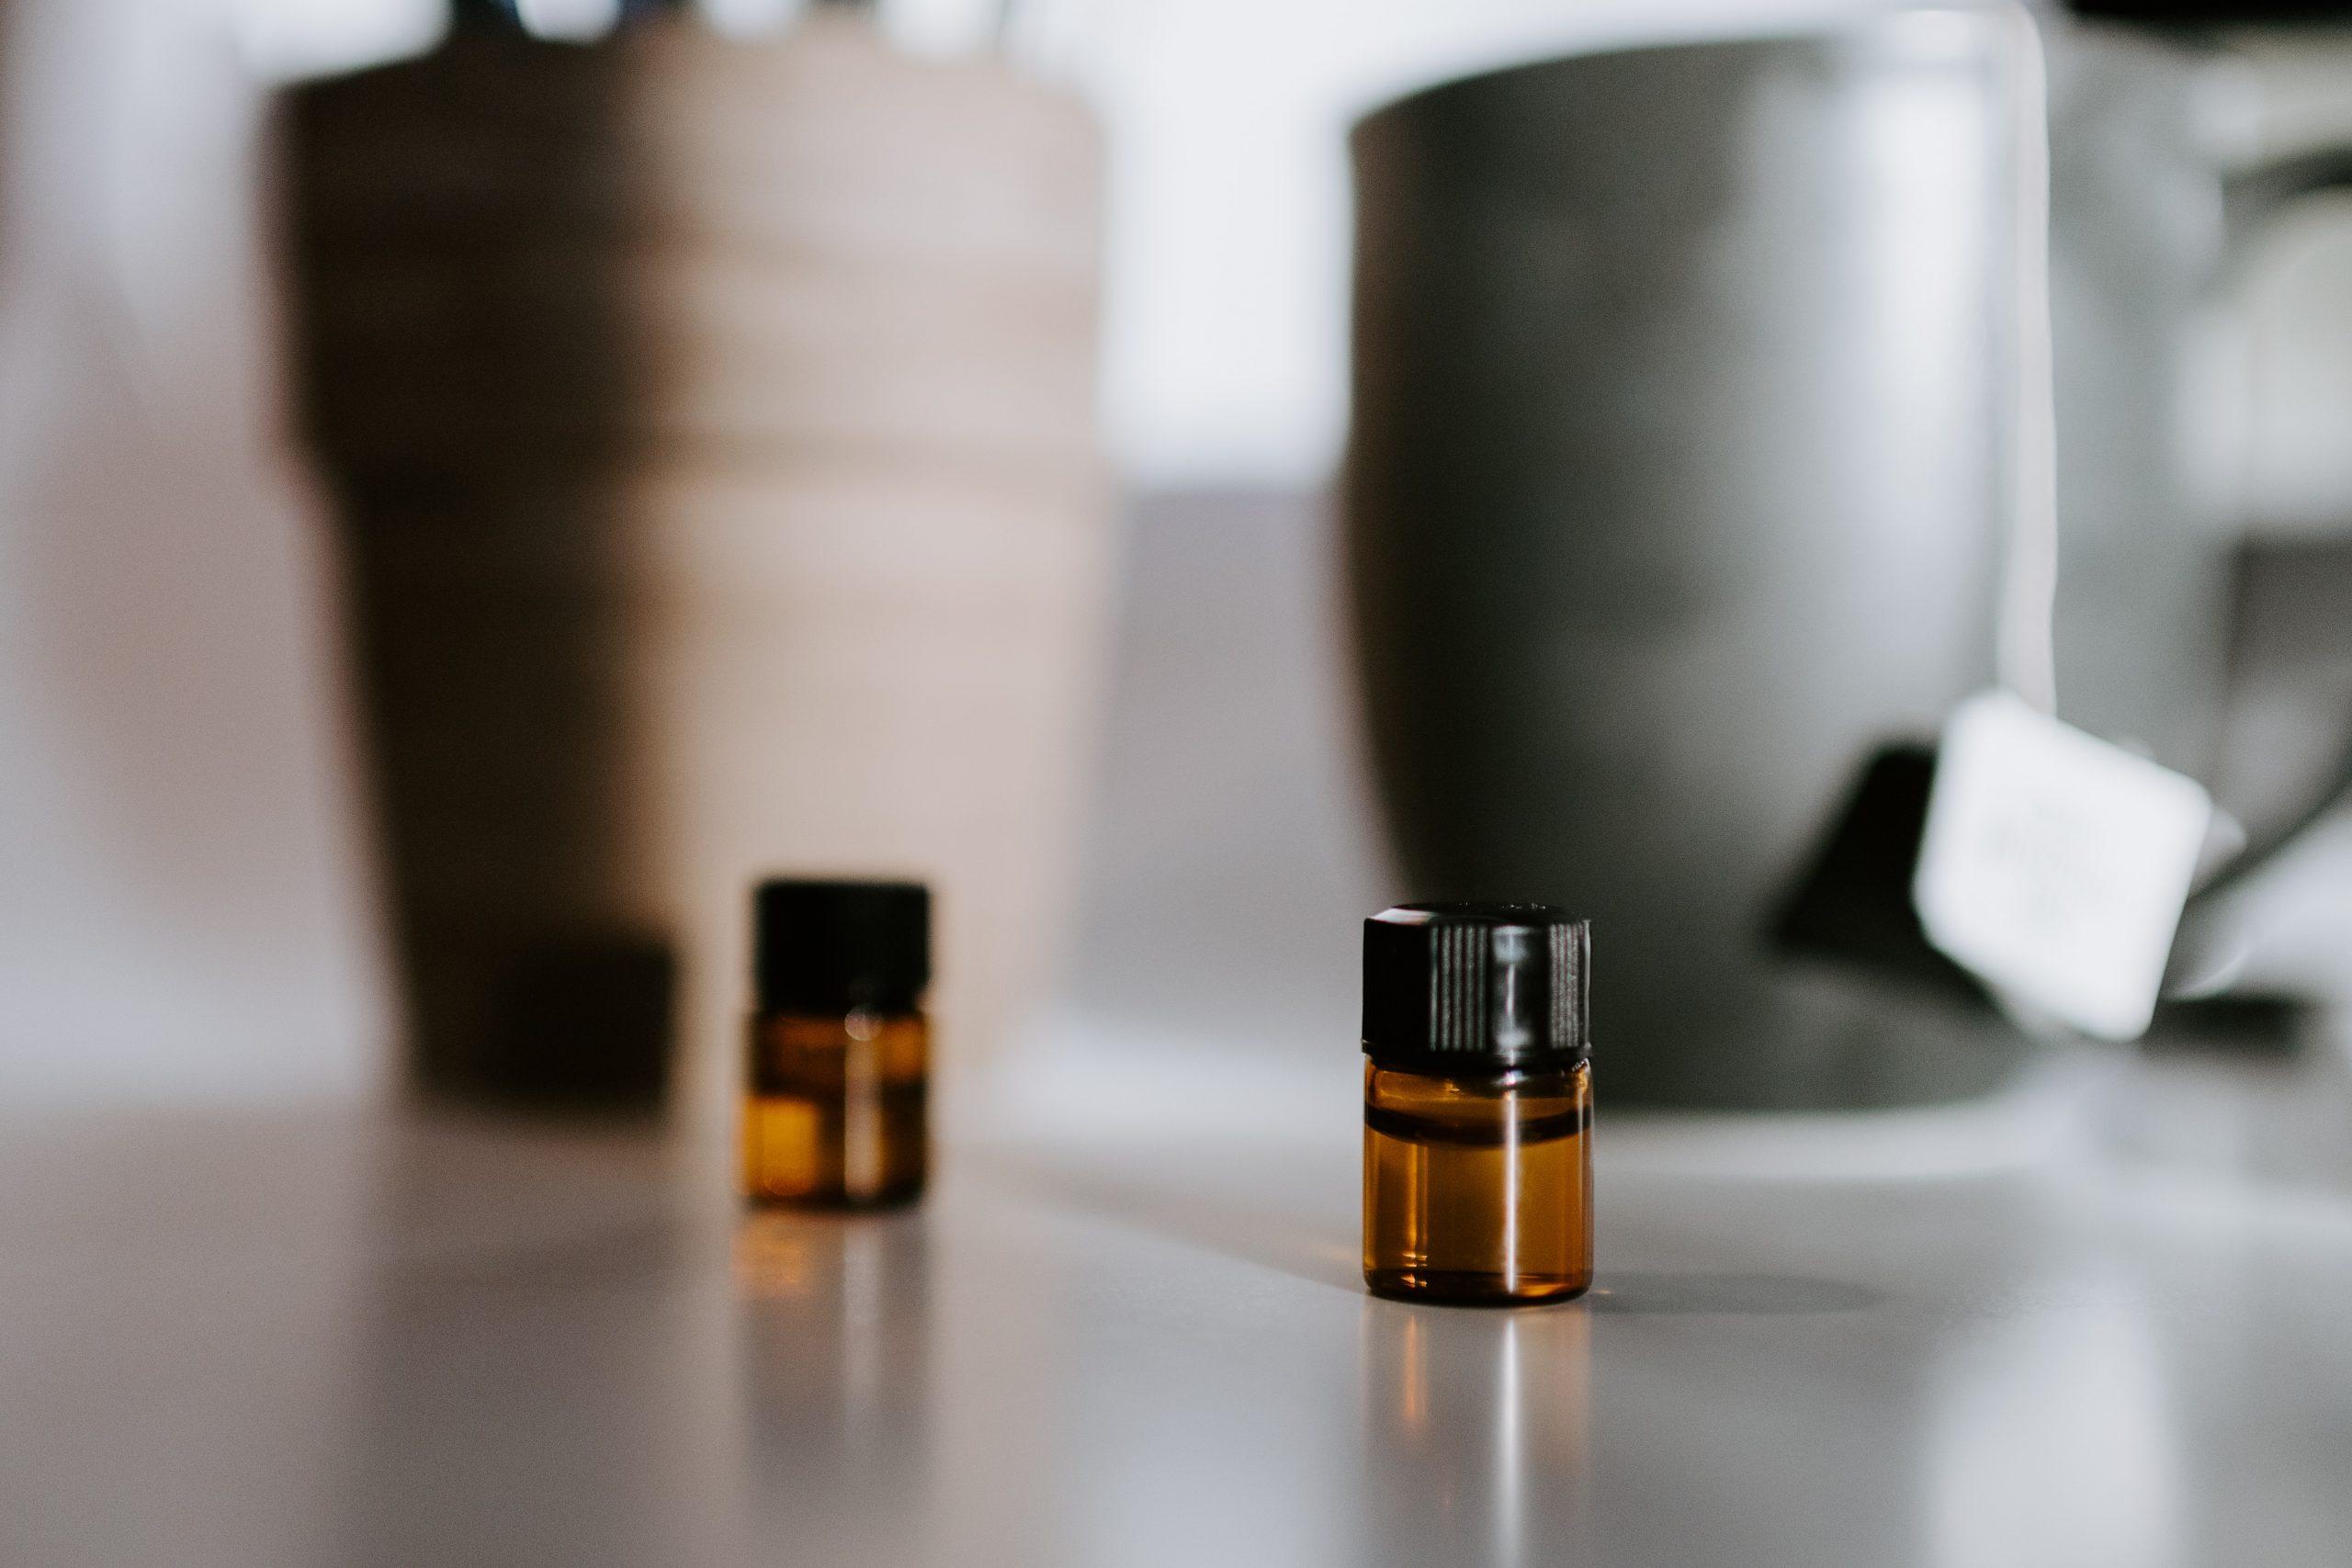 Imagem mostra dois frascos de óleo sob uma superfície lisa, um focado (direita) e outro desfocado (esquerda).